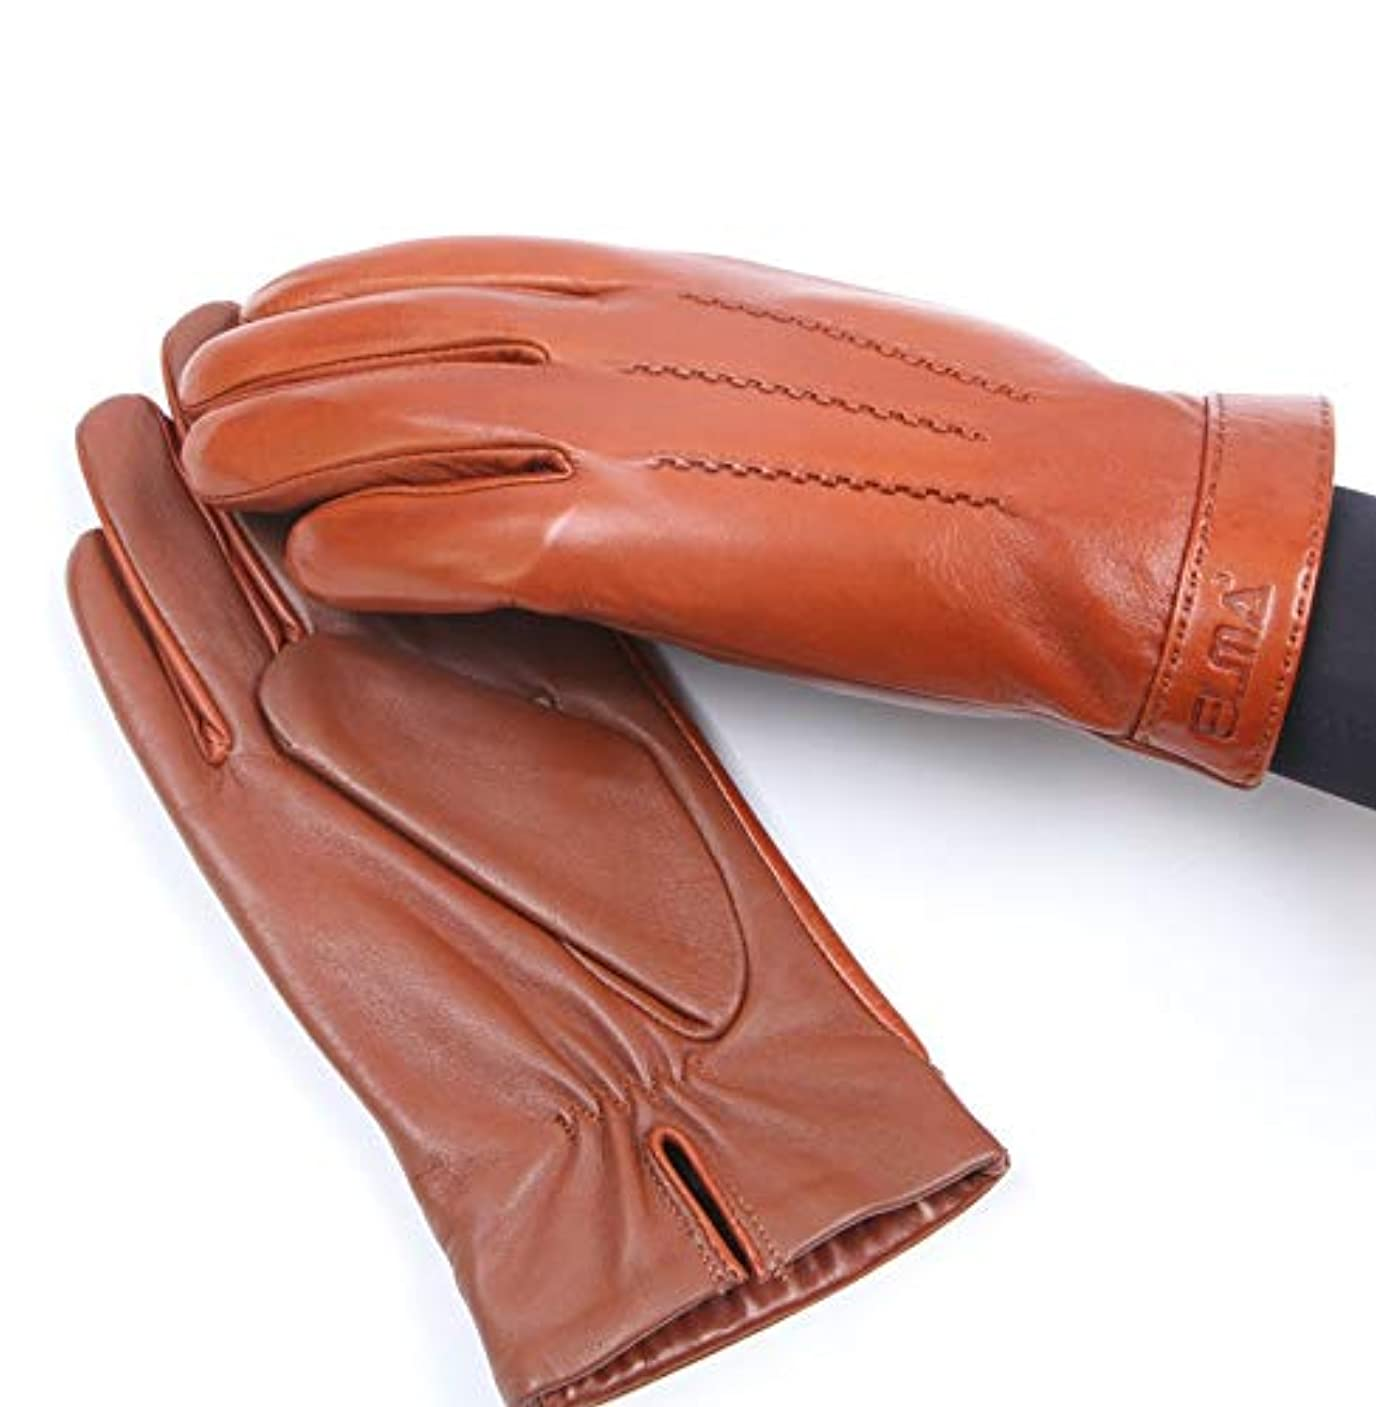 ソフトウェア突進ゆるいBAJIMI 手袋 グローブ レディース/メンズ ハンド ケア ファッションメンズレザーグローブプラスベルベット暖かいフルタッチグローブ運転 裏起毛 おしゃれ 手触りが良い 運転 耐磨耗性 換気性